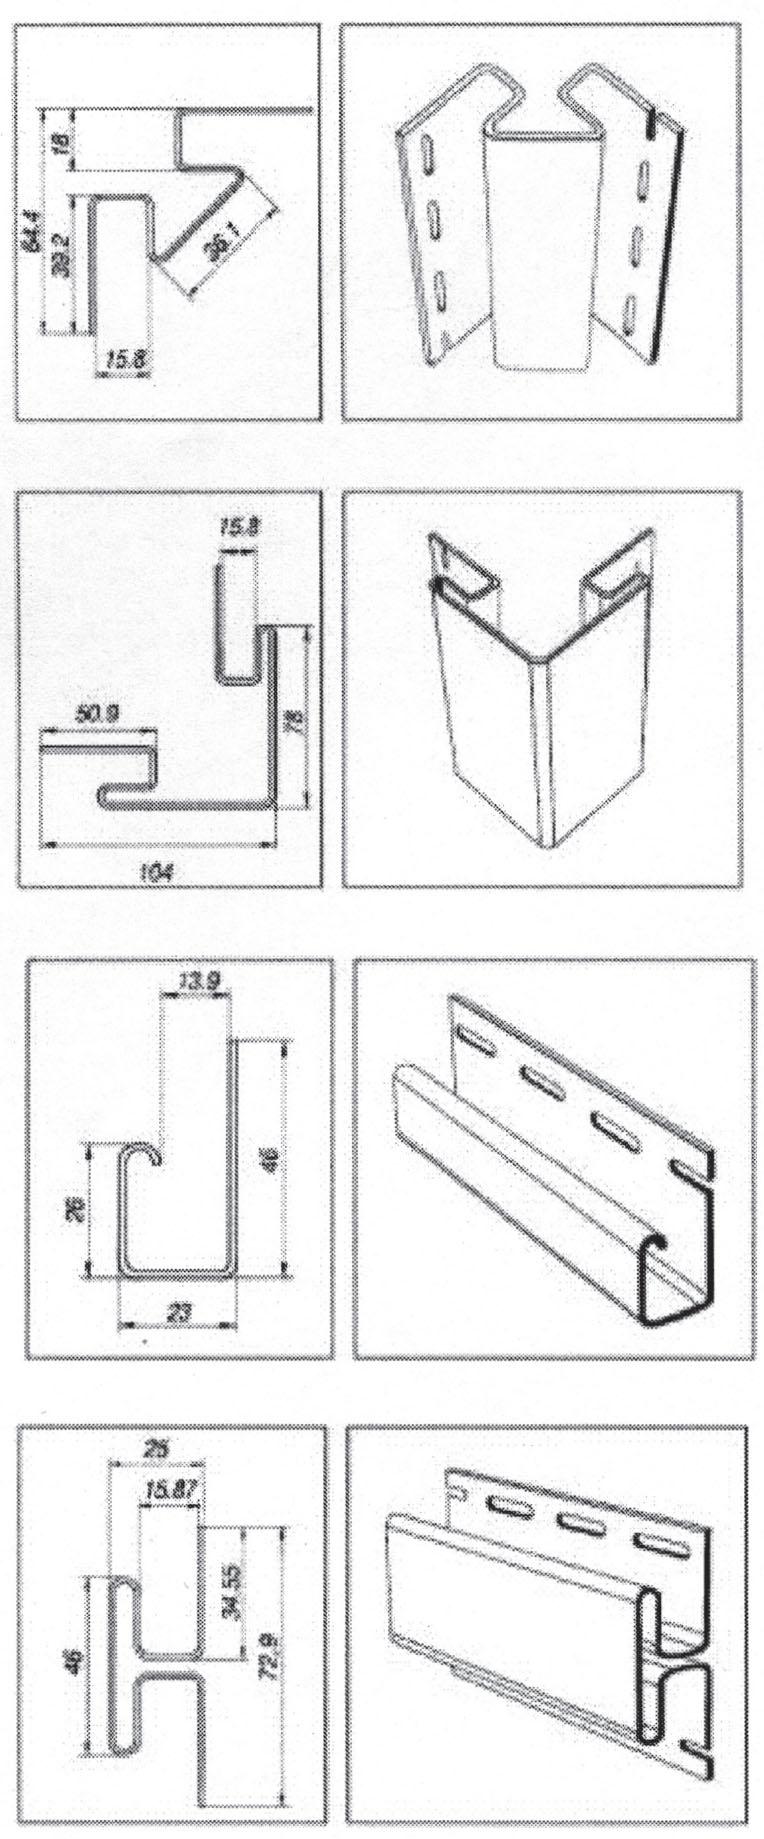 Комплектующие цокольного сайдинга: 1 - Внутренний угол (длина 3,05 м); 2 - Наружный угол (длина 3,05 м); J-профиль (длина 3,6 м); Н-профиль (длина 3,6 м)